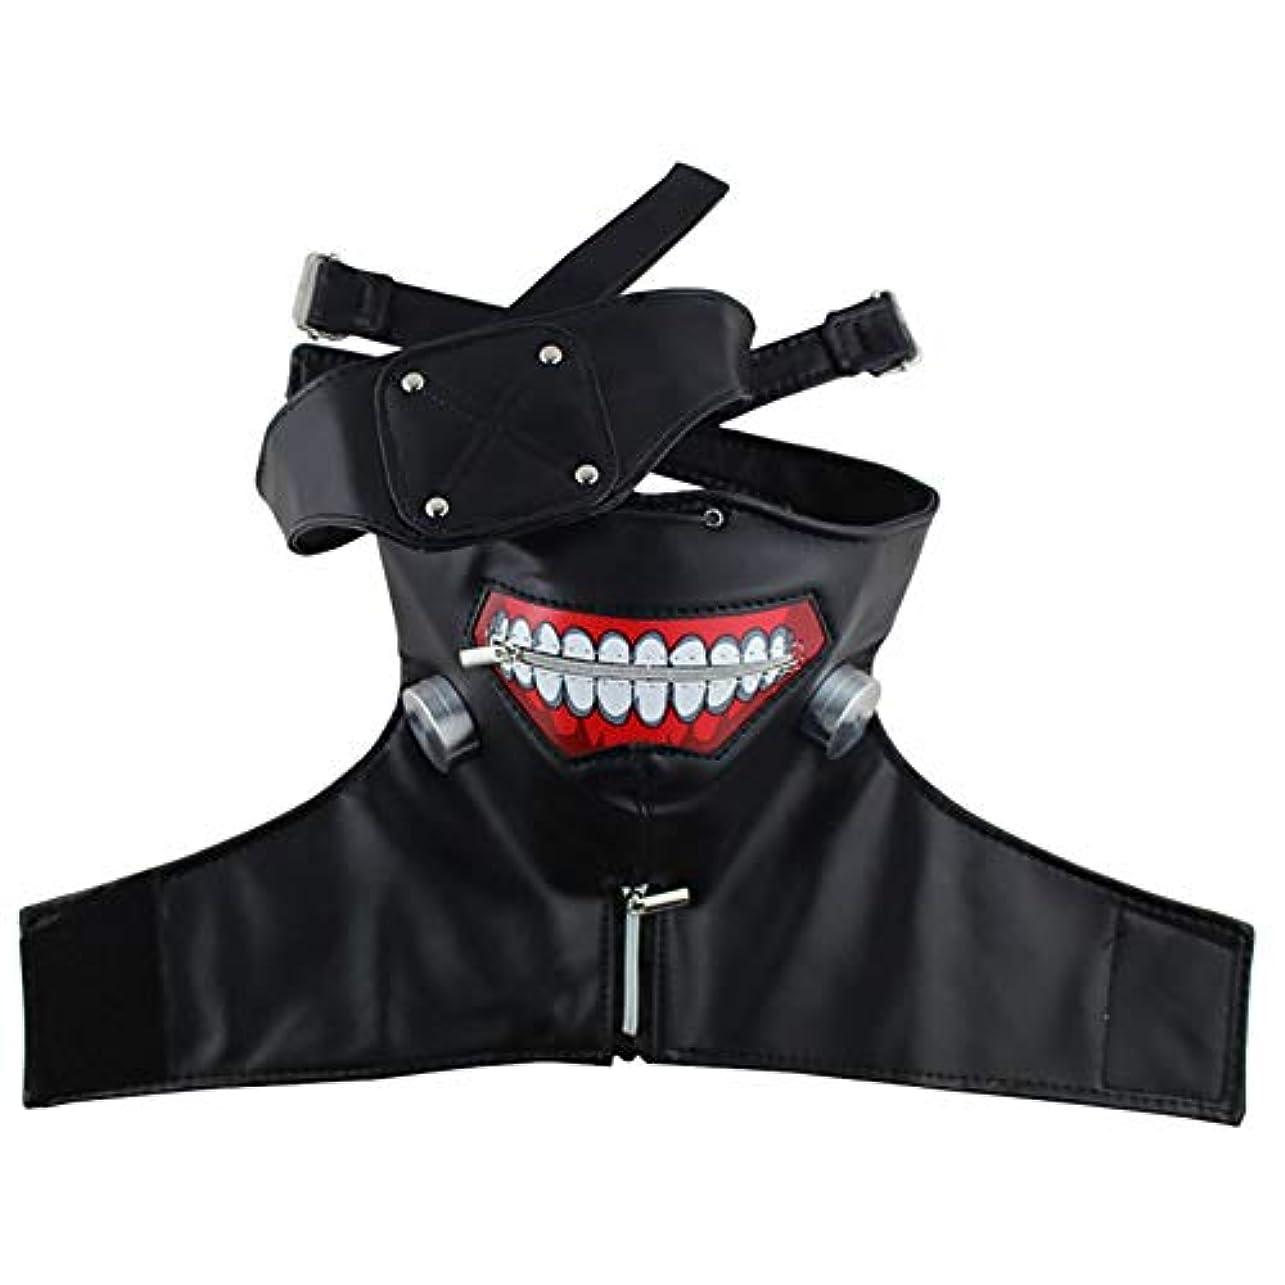 レーダー触覚診療所Esolom 東京マスク 3D PUレザーマスク 調整可能なジッパー衣装小道具 アニメ ゴールデンウッドマスク ハロウィンロールプレイング